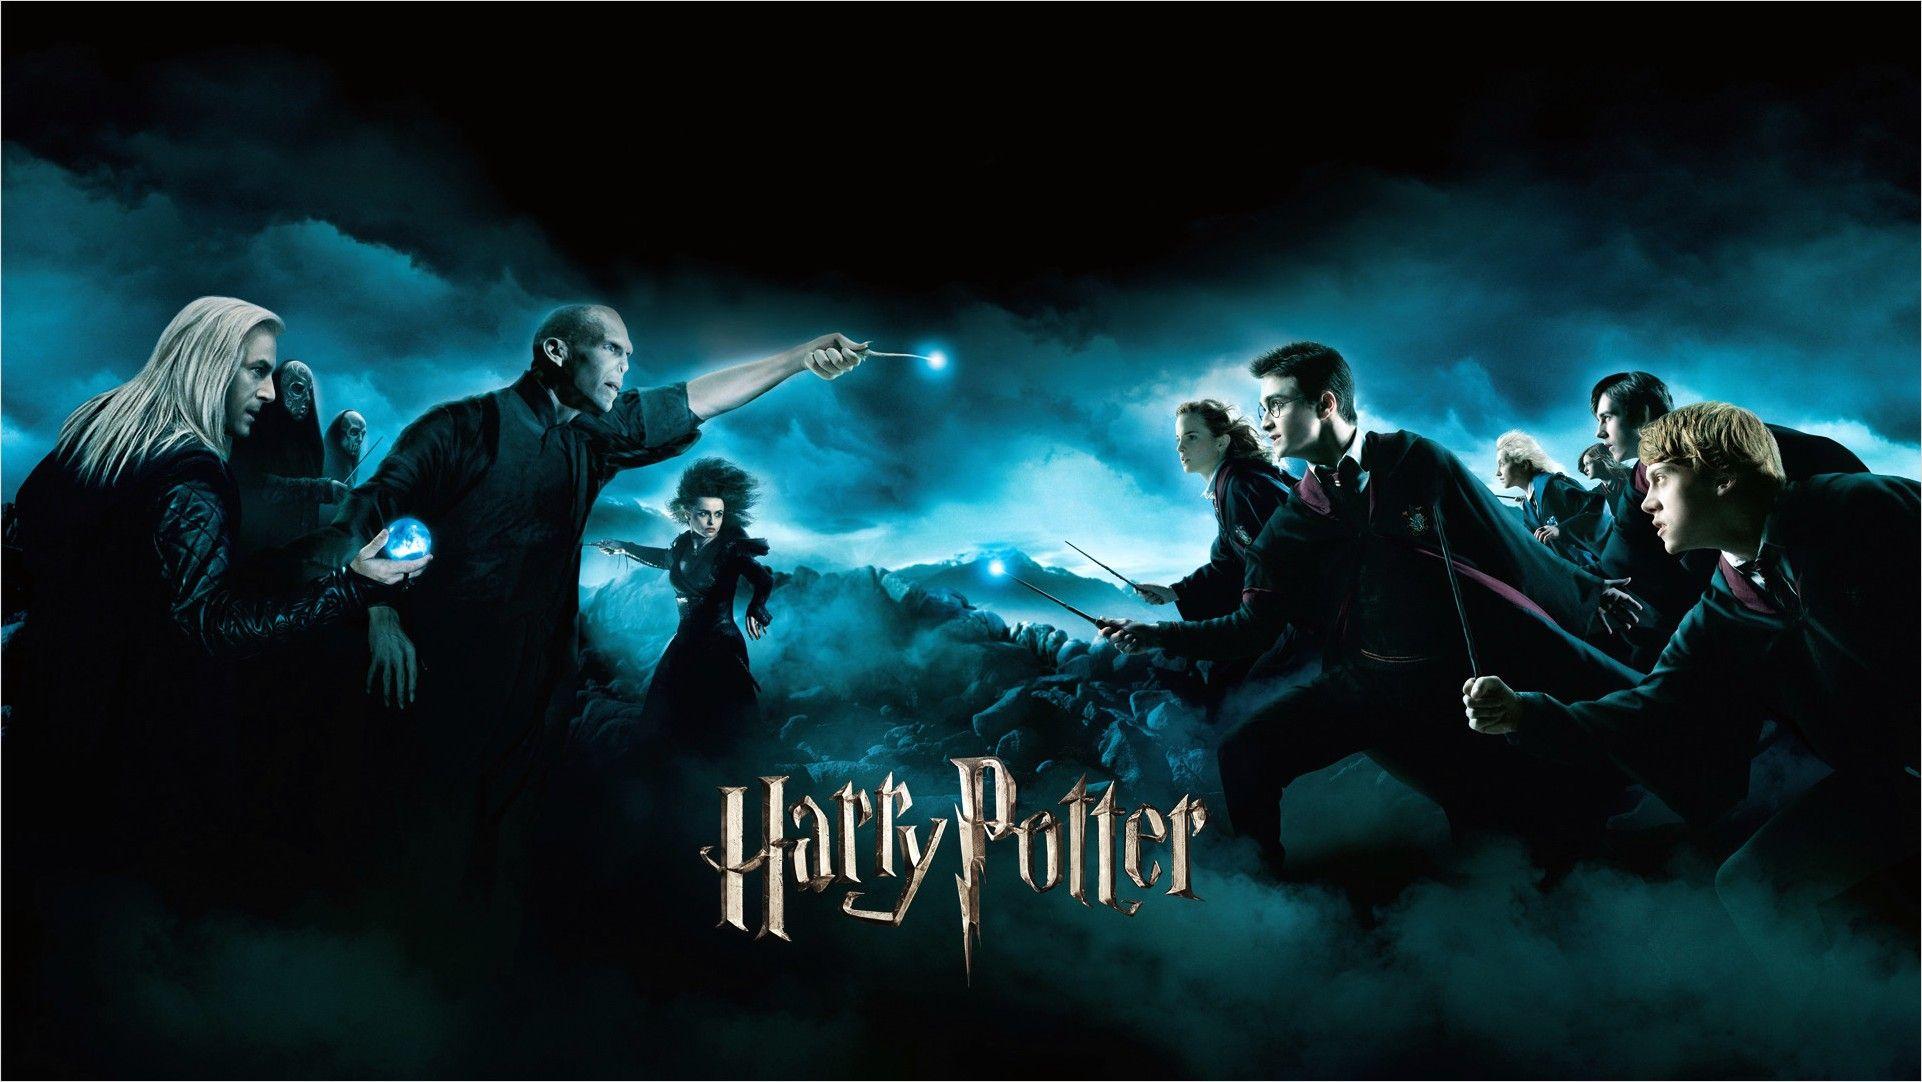 4k Harry Potter Wallpapers Smart Tv In 2020 Harry Potter Wallpaper Harry Potter Rpg Harry Potter Drawings